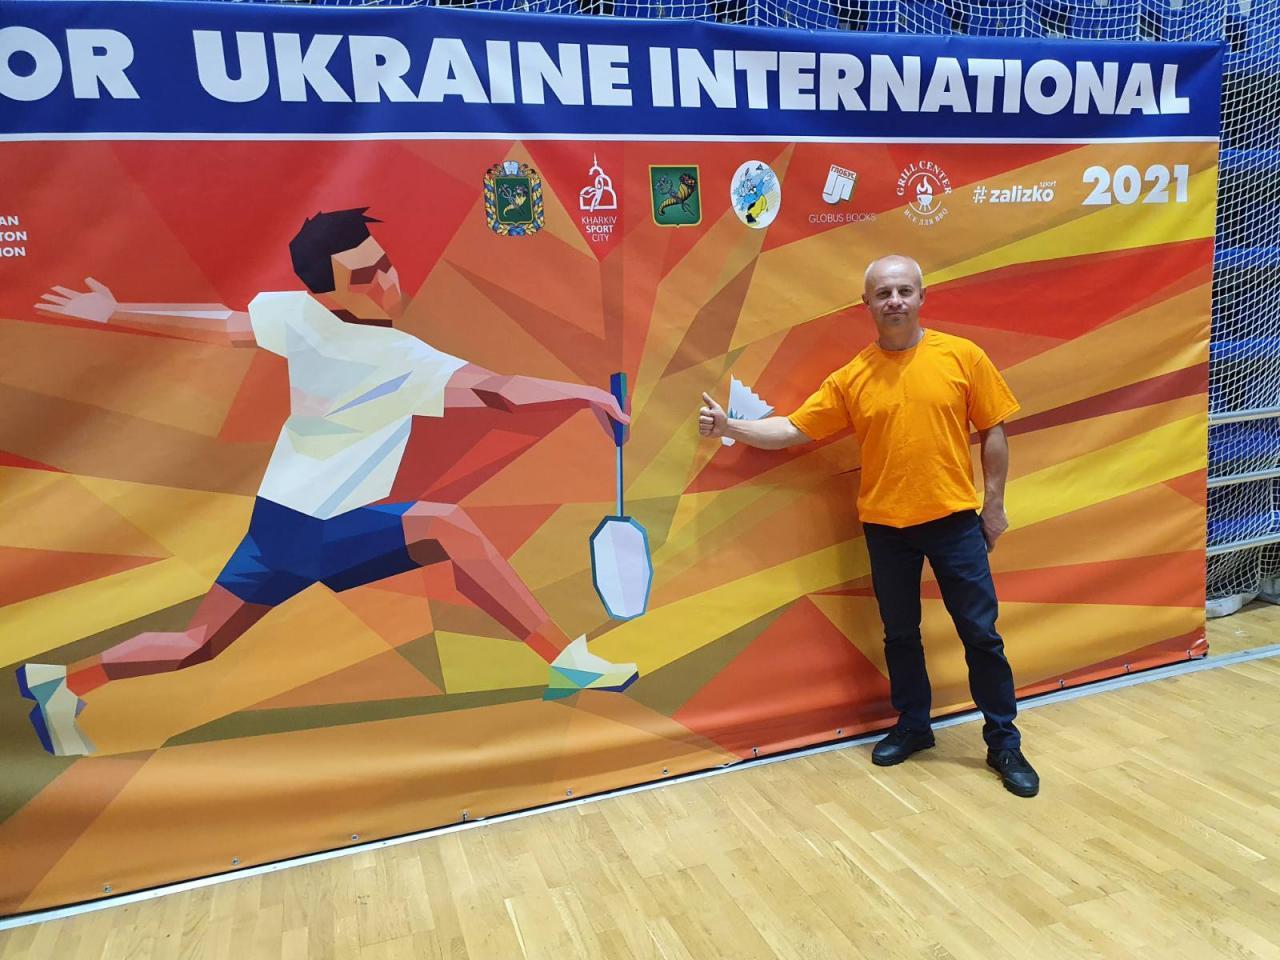 http://dunrada.gov.ua/uploadfile/archive_news/2021/09/13/2021-09-13_4692/images/images-42368.jpg